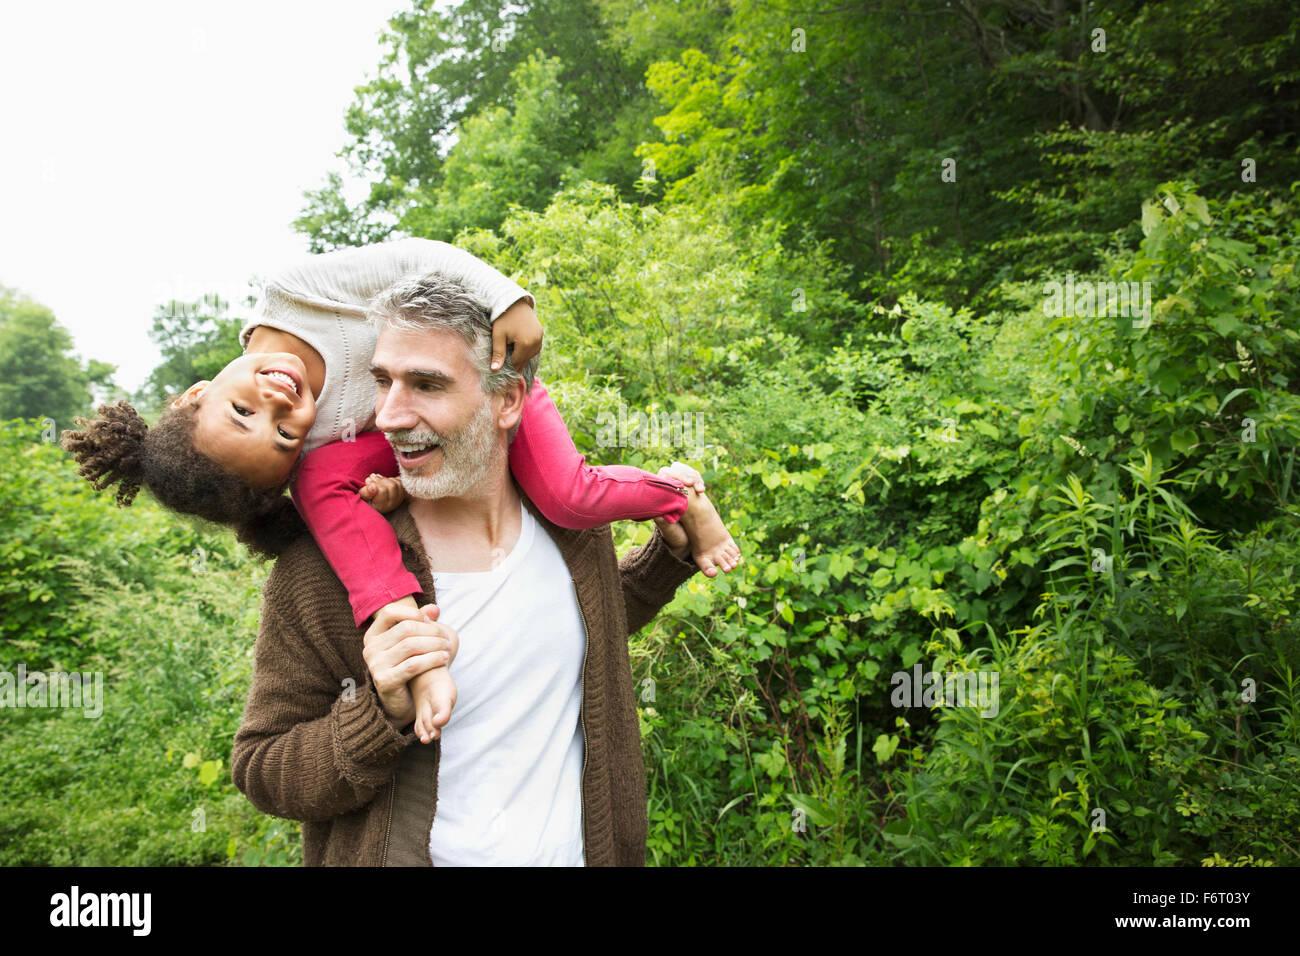 Hija de padre llevar sobre los hombros Foto de stock